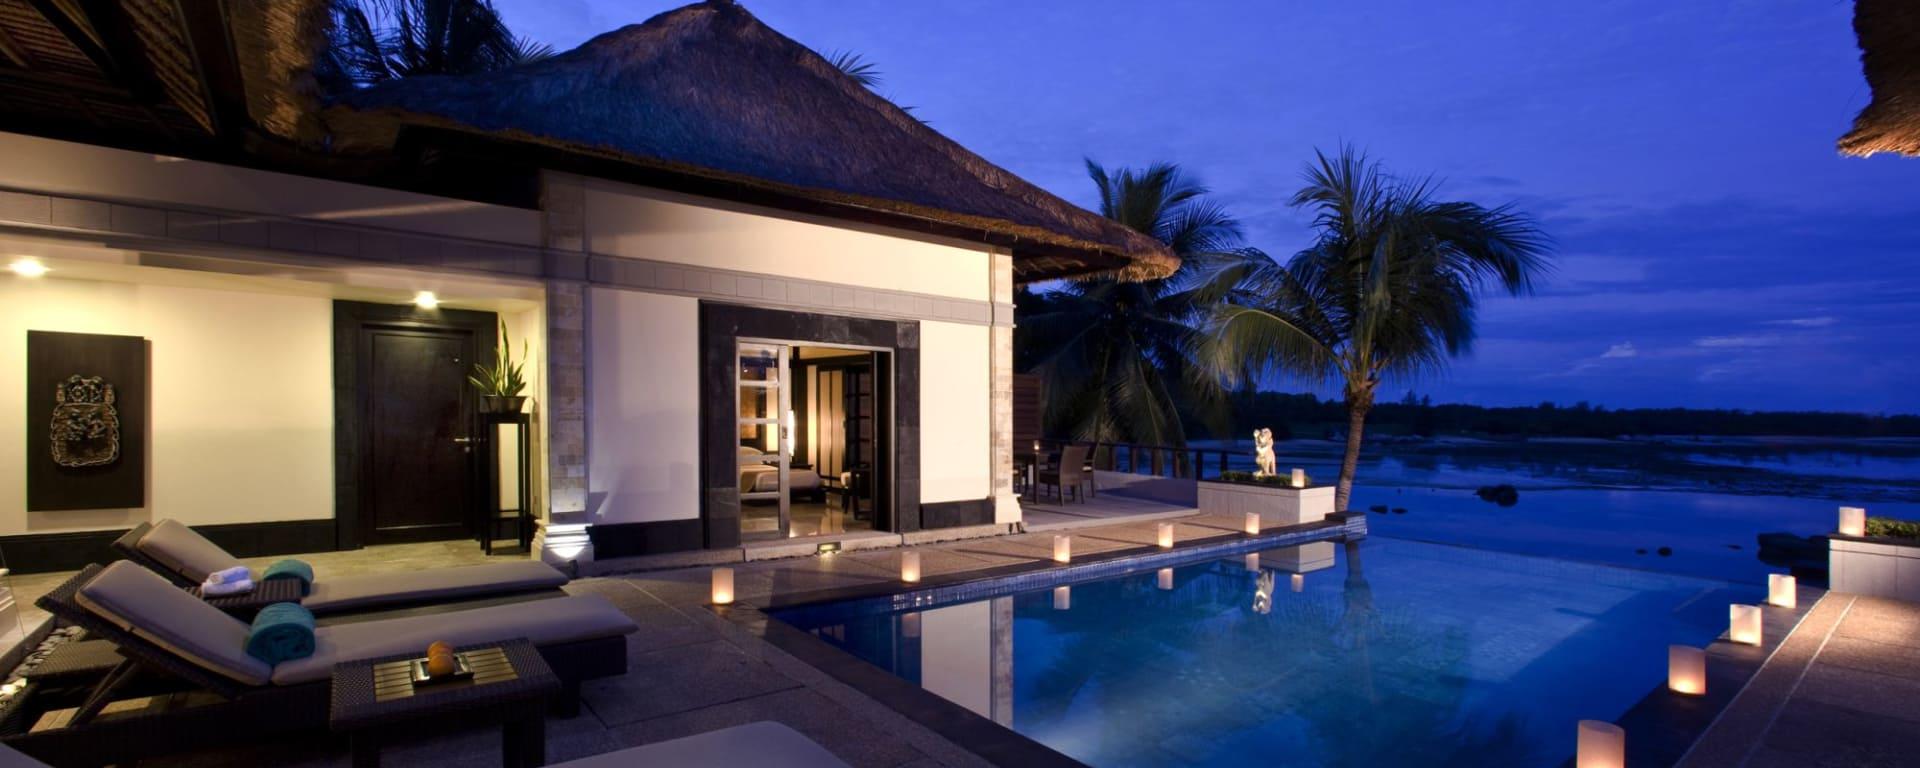 Banyan Tree Bintan: Bayfront Pool Villa